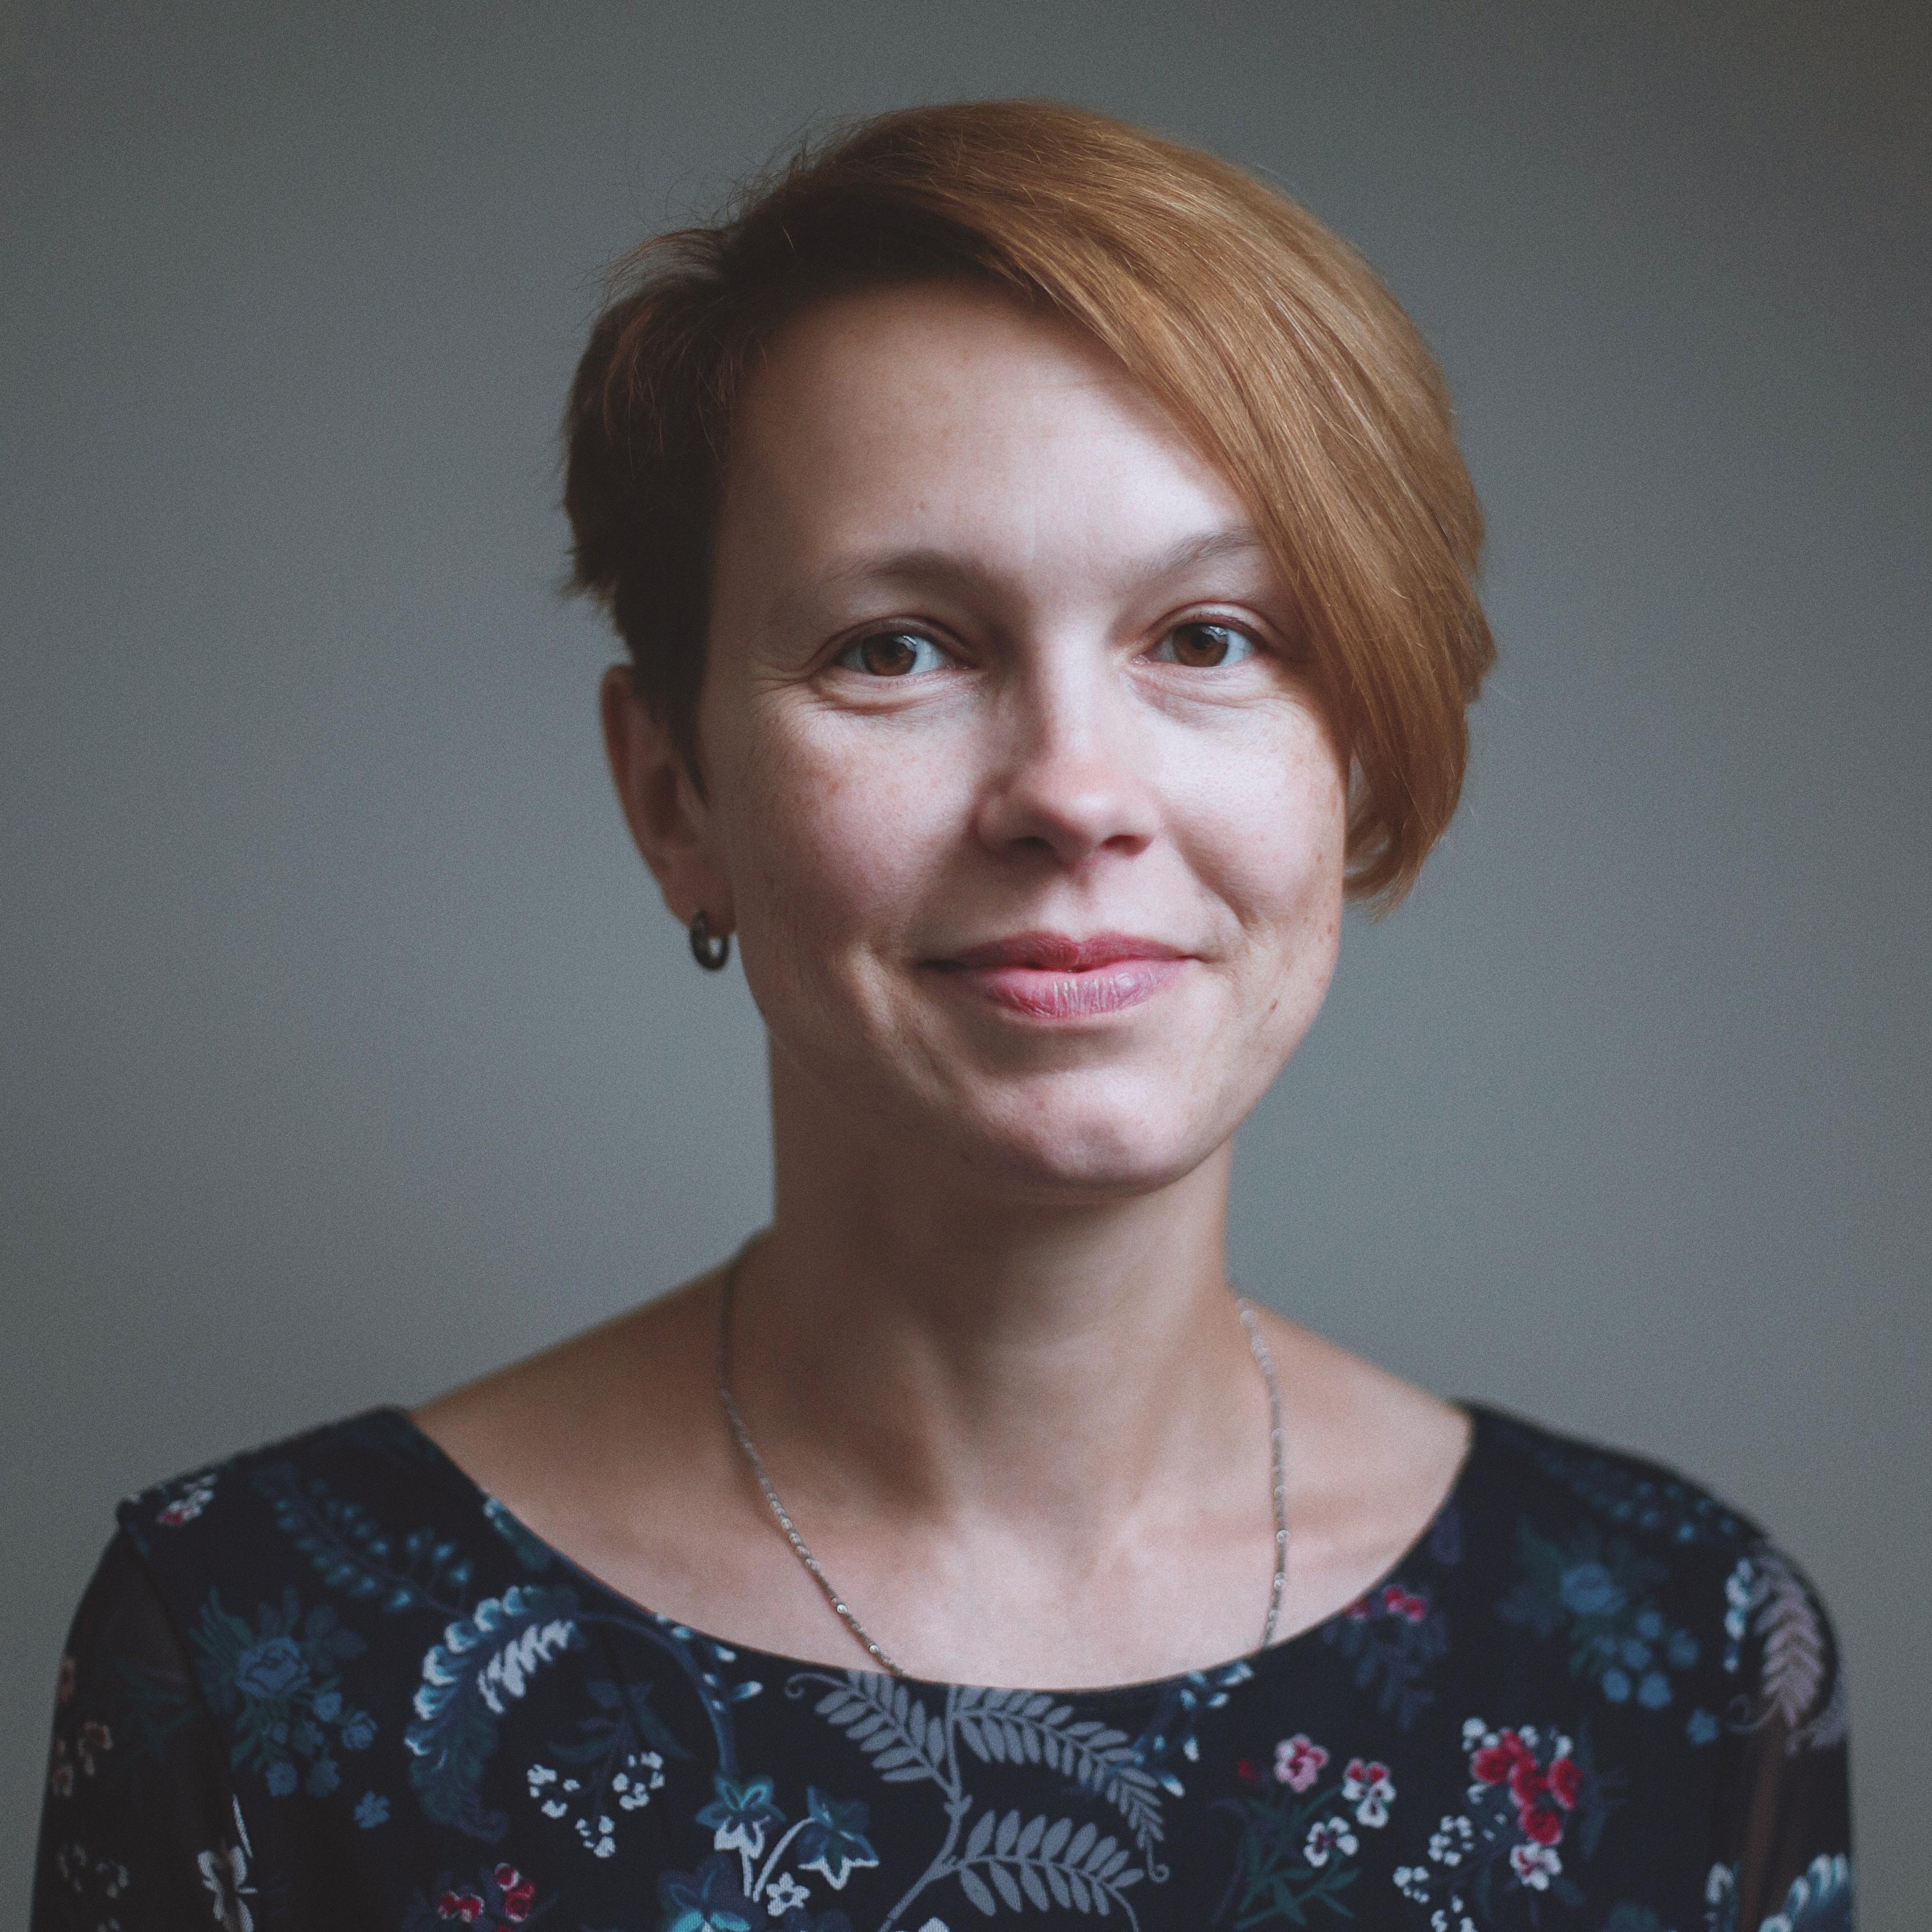 Анна Морозова (Семенова)